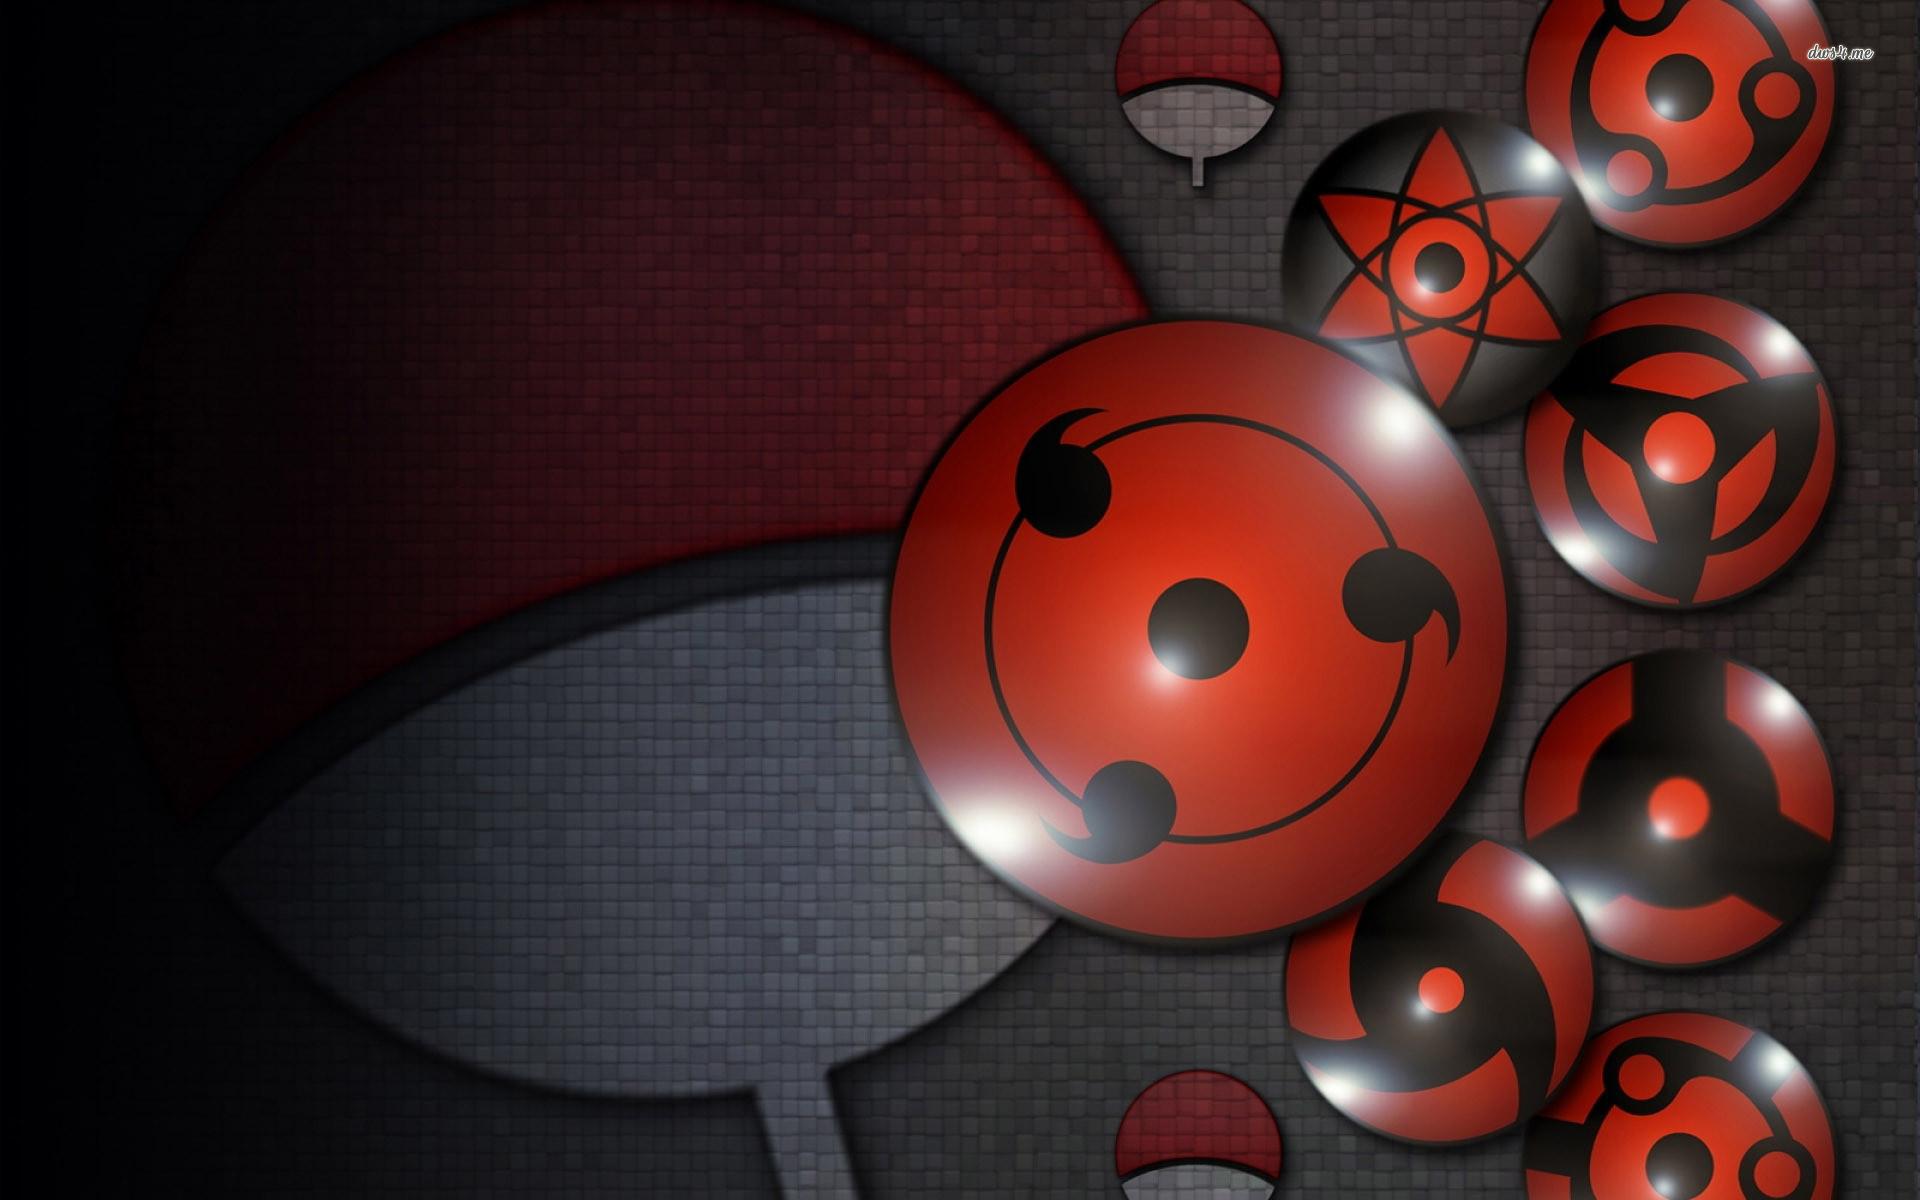 … Sharingan Wallpaper Hd; Naruto symbols